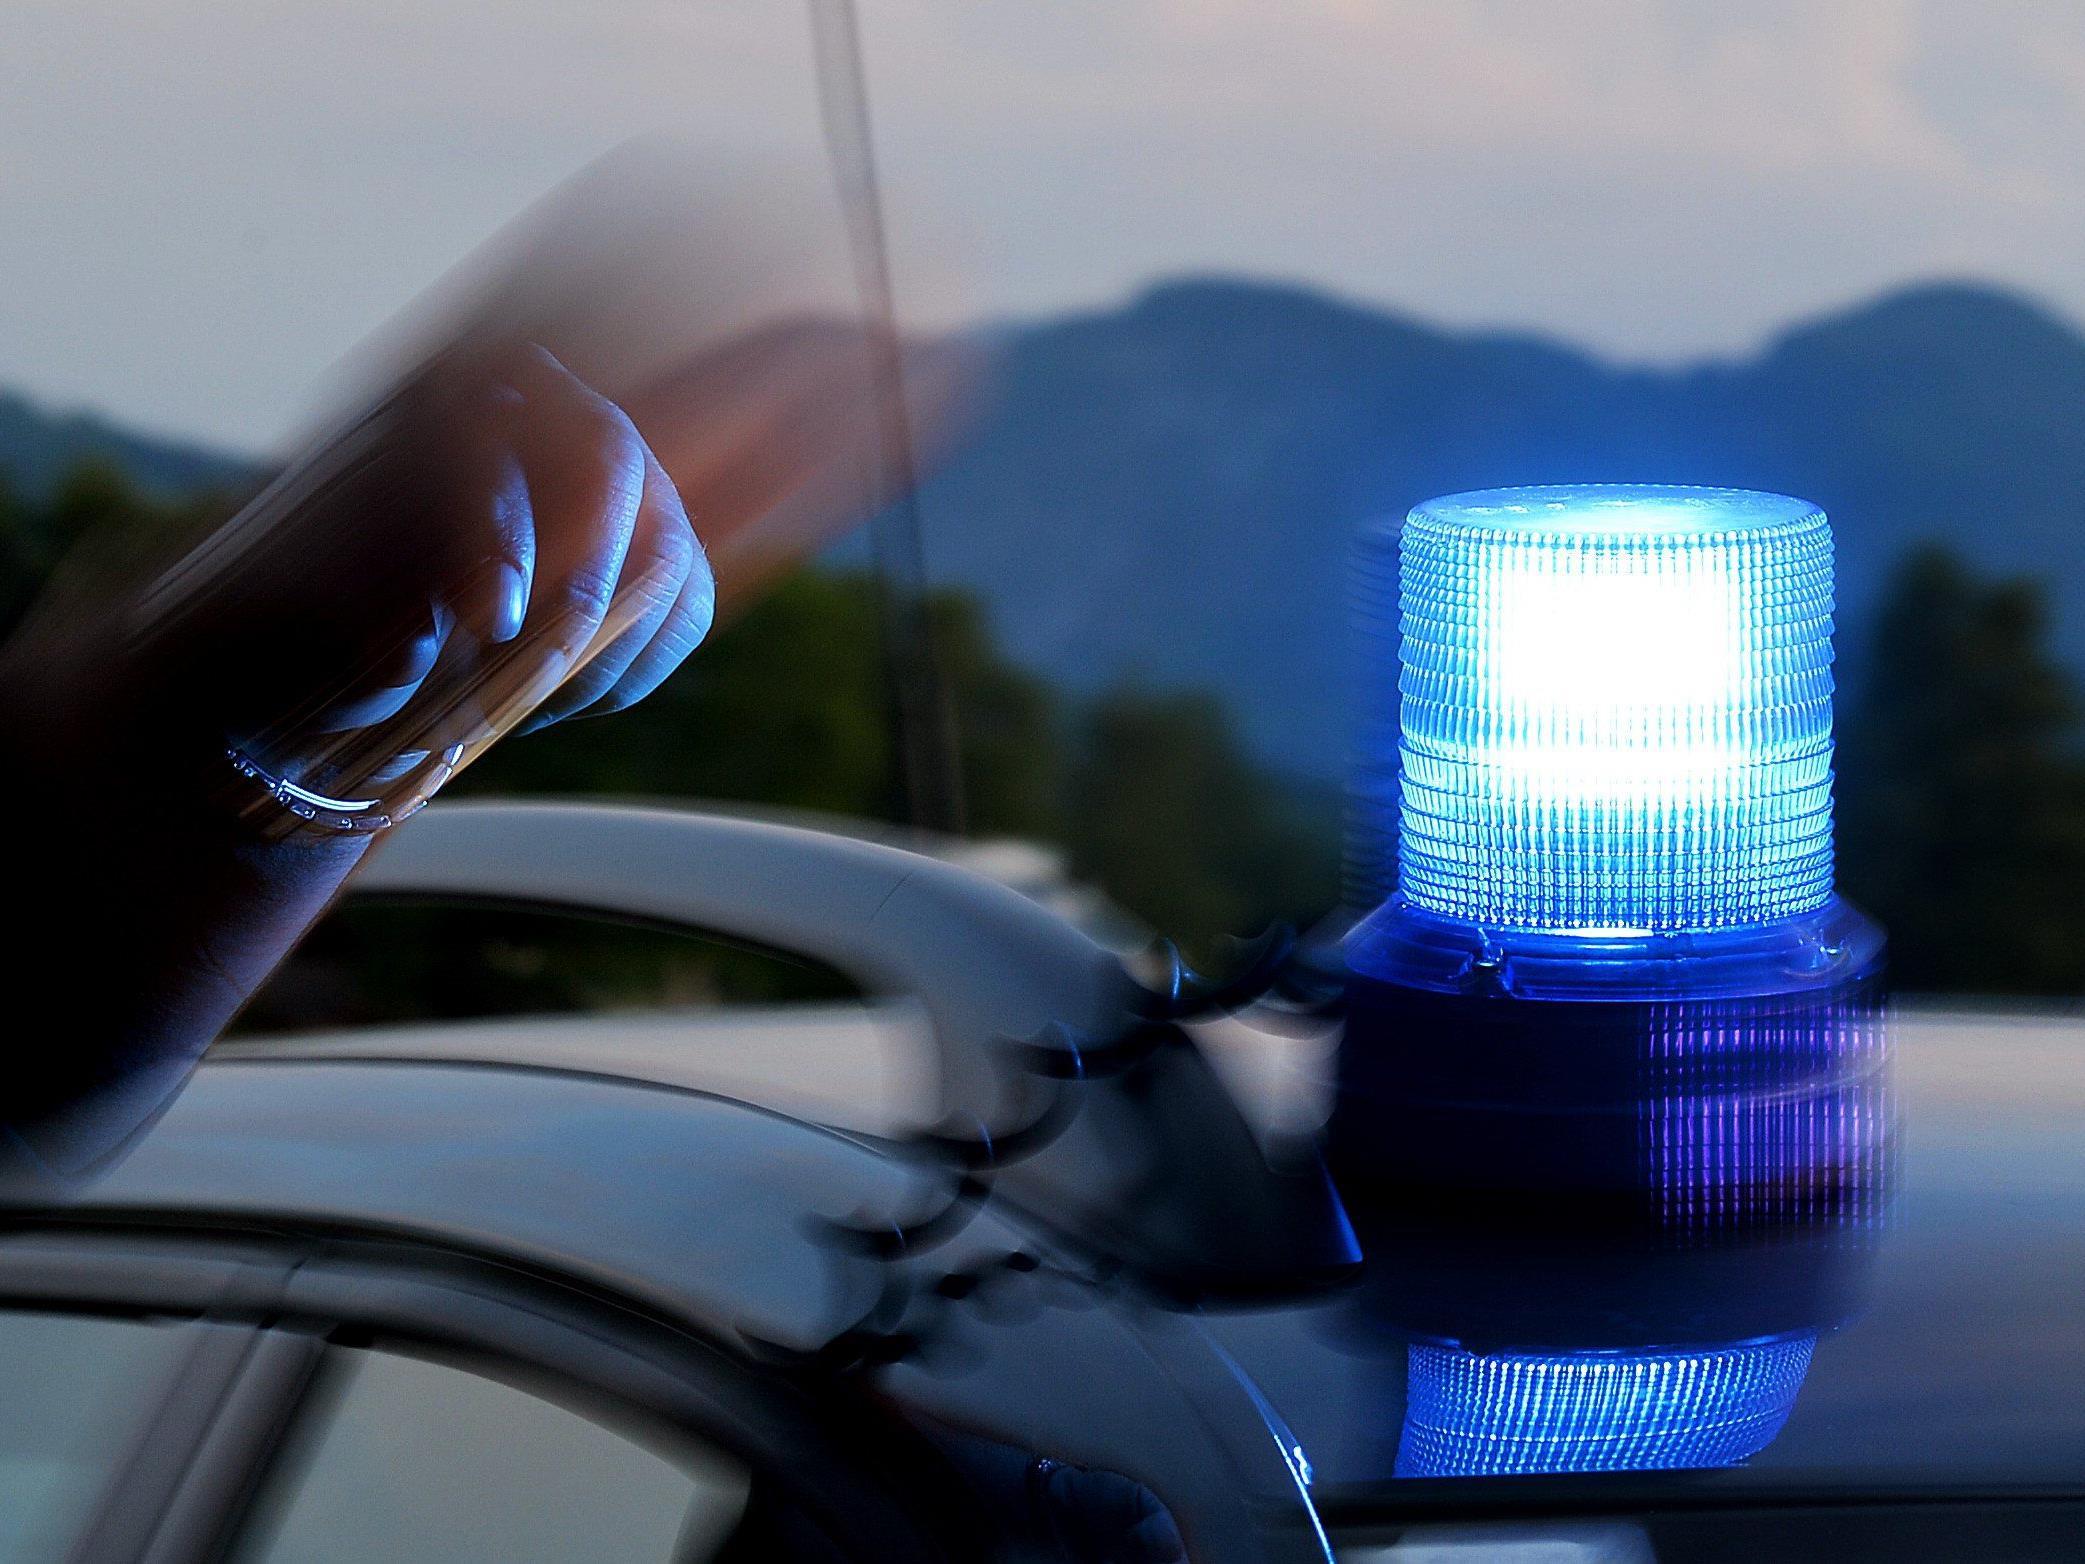 Ein 49-jähriger Pkw-Lenker wurde bei einem Unfall im Bezirk Baden am Freitag getötet.